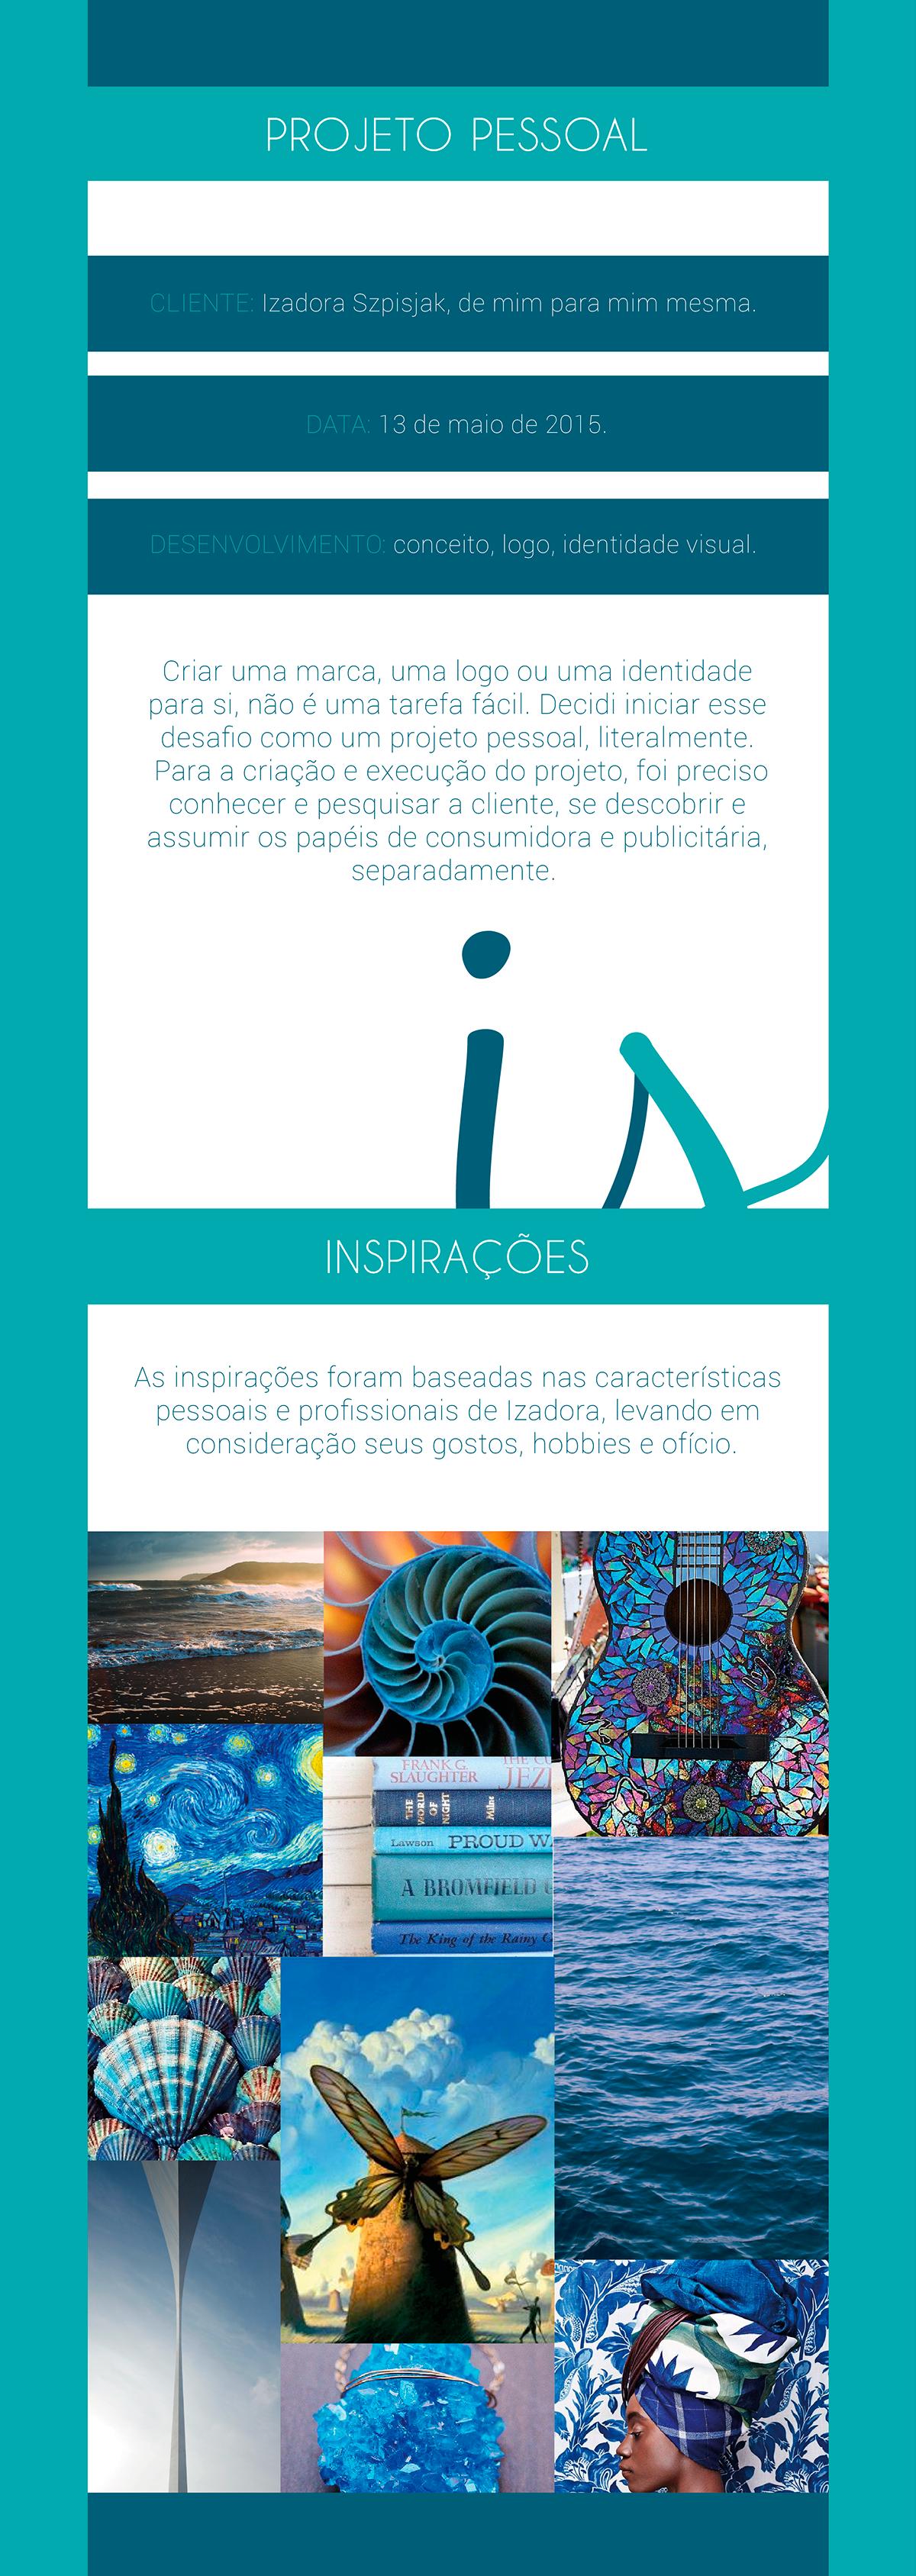 Projeto Pessoal on Behance